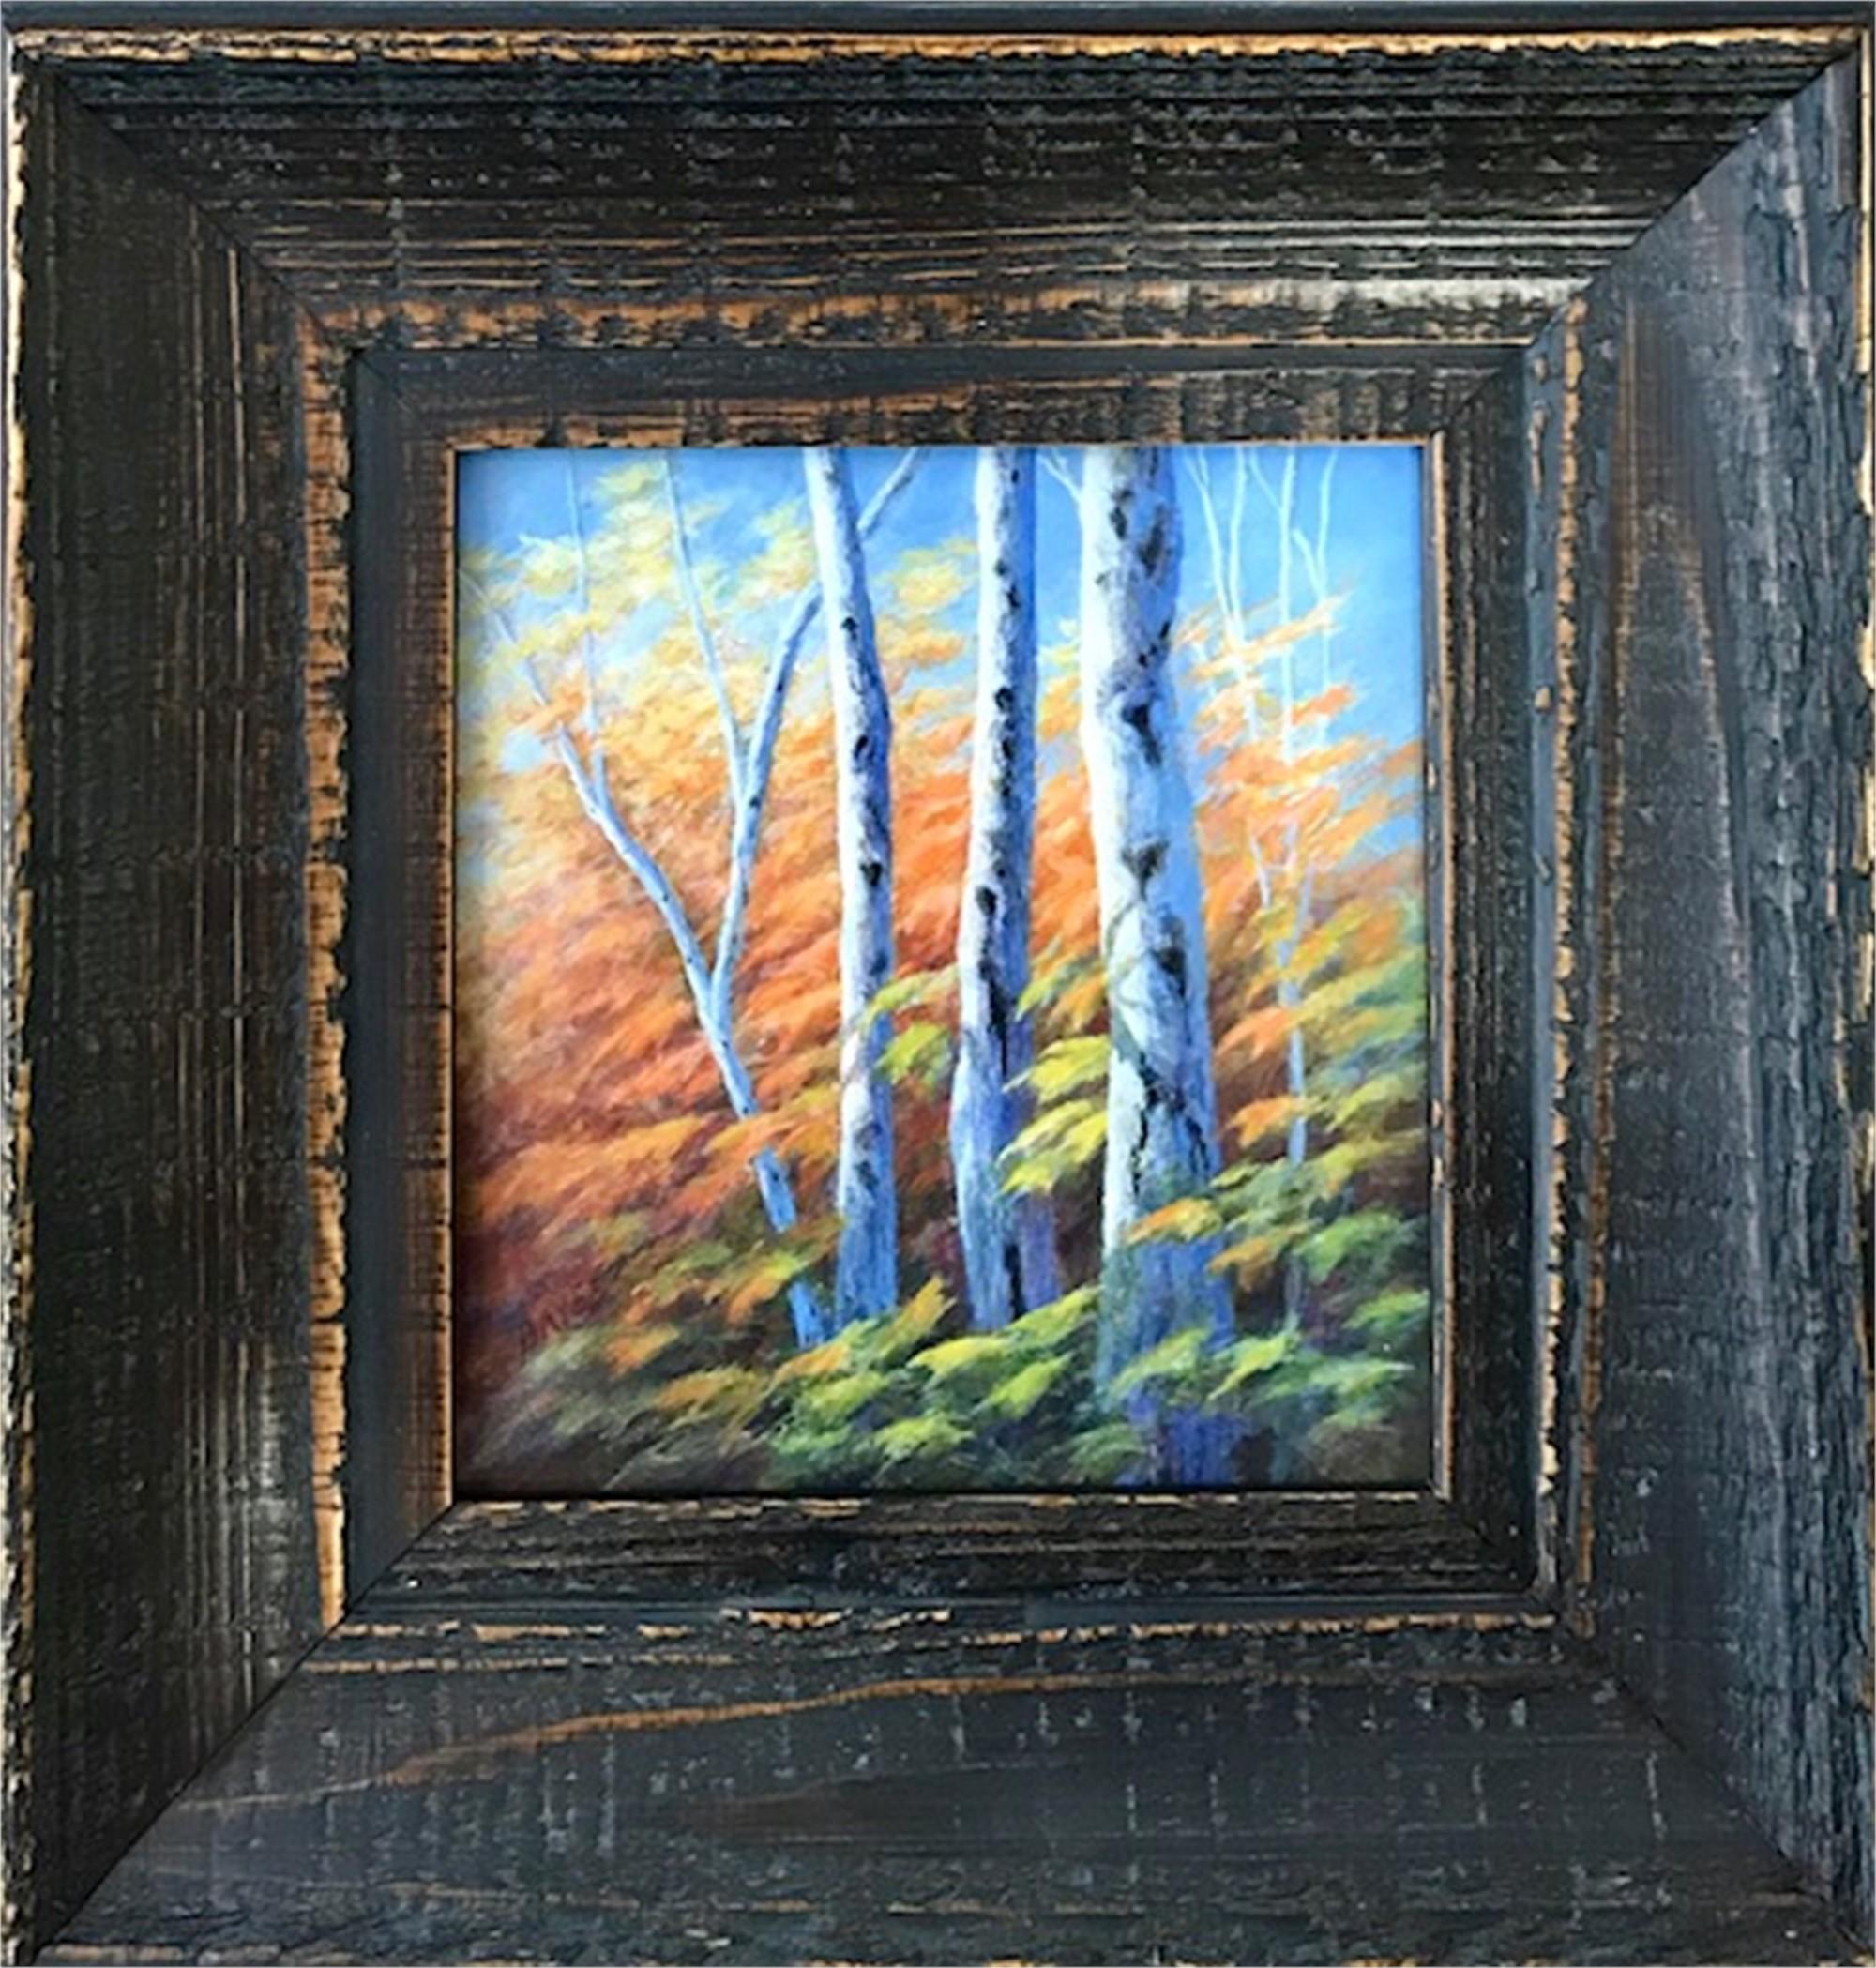 Autumn Rhythm by Judith Edgington Bayes